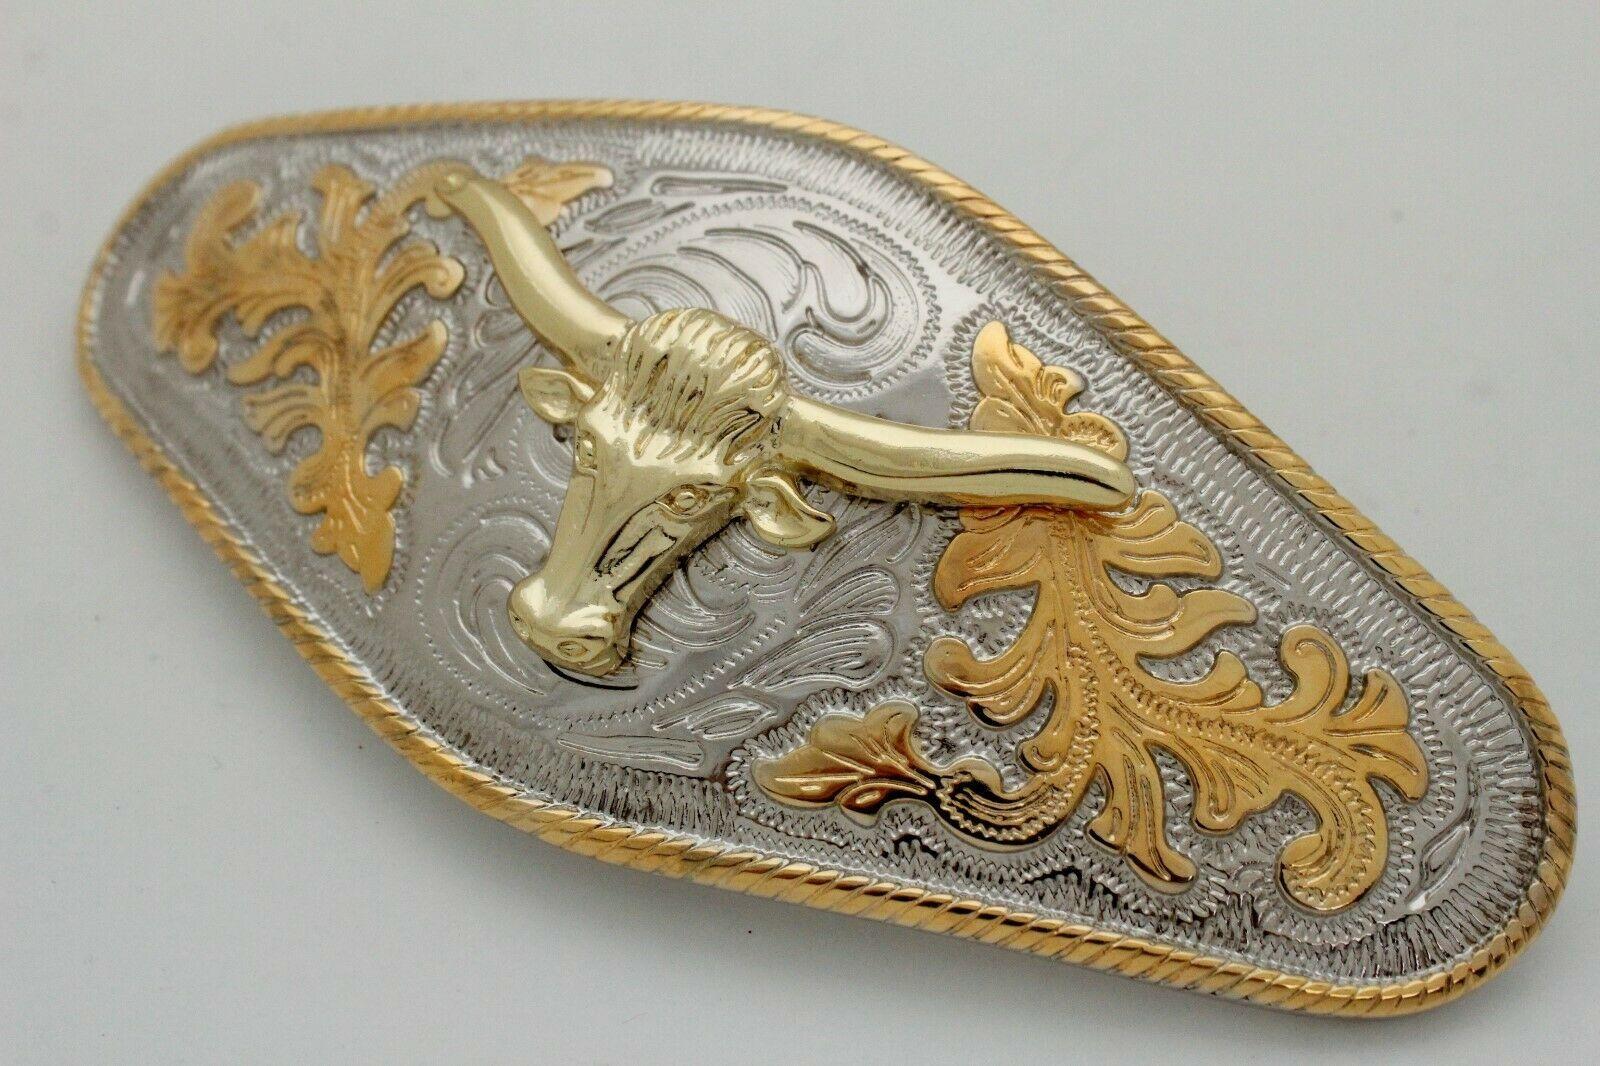 Hombre Western Cowboys Cinturón Hebilla Metal Plata Rodeo Largo Oro Texas Cuerno image 11